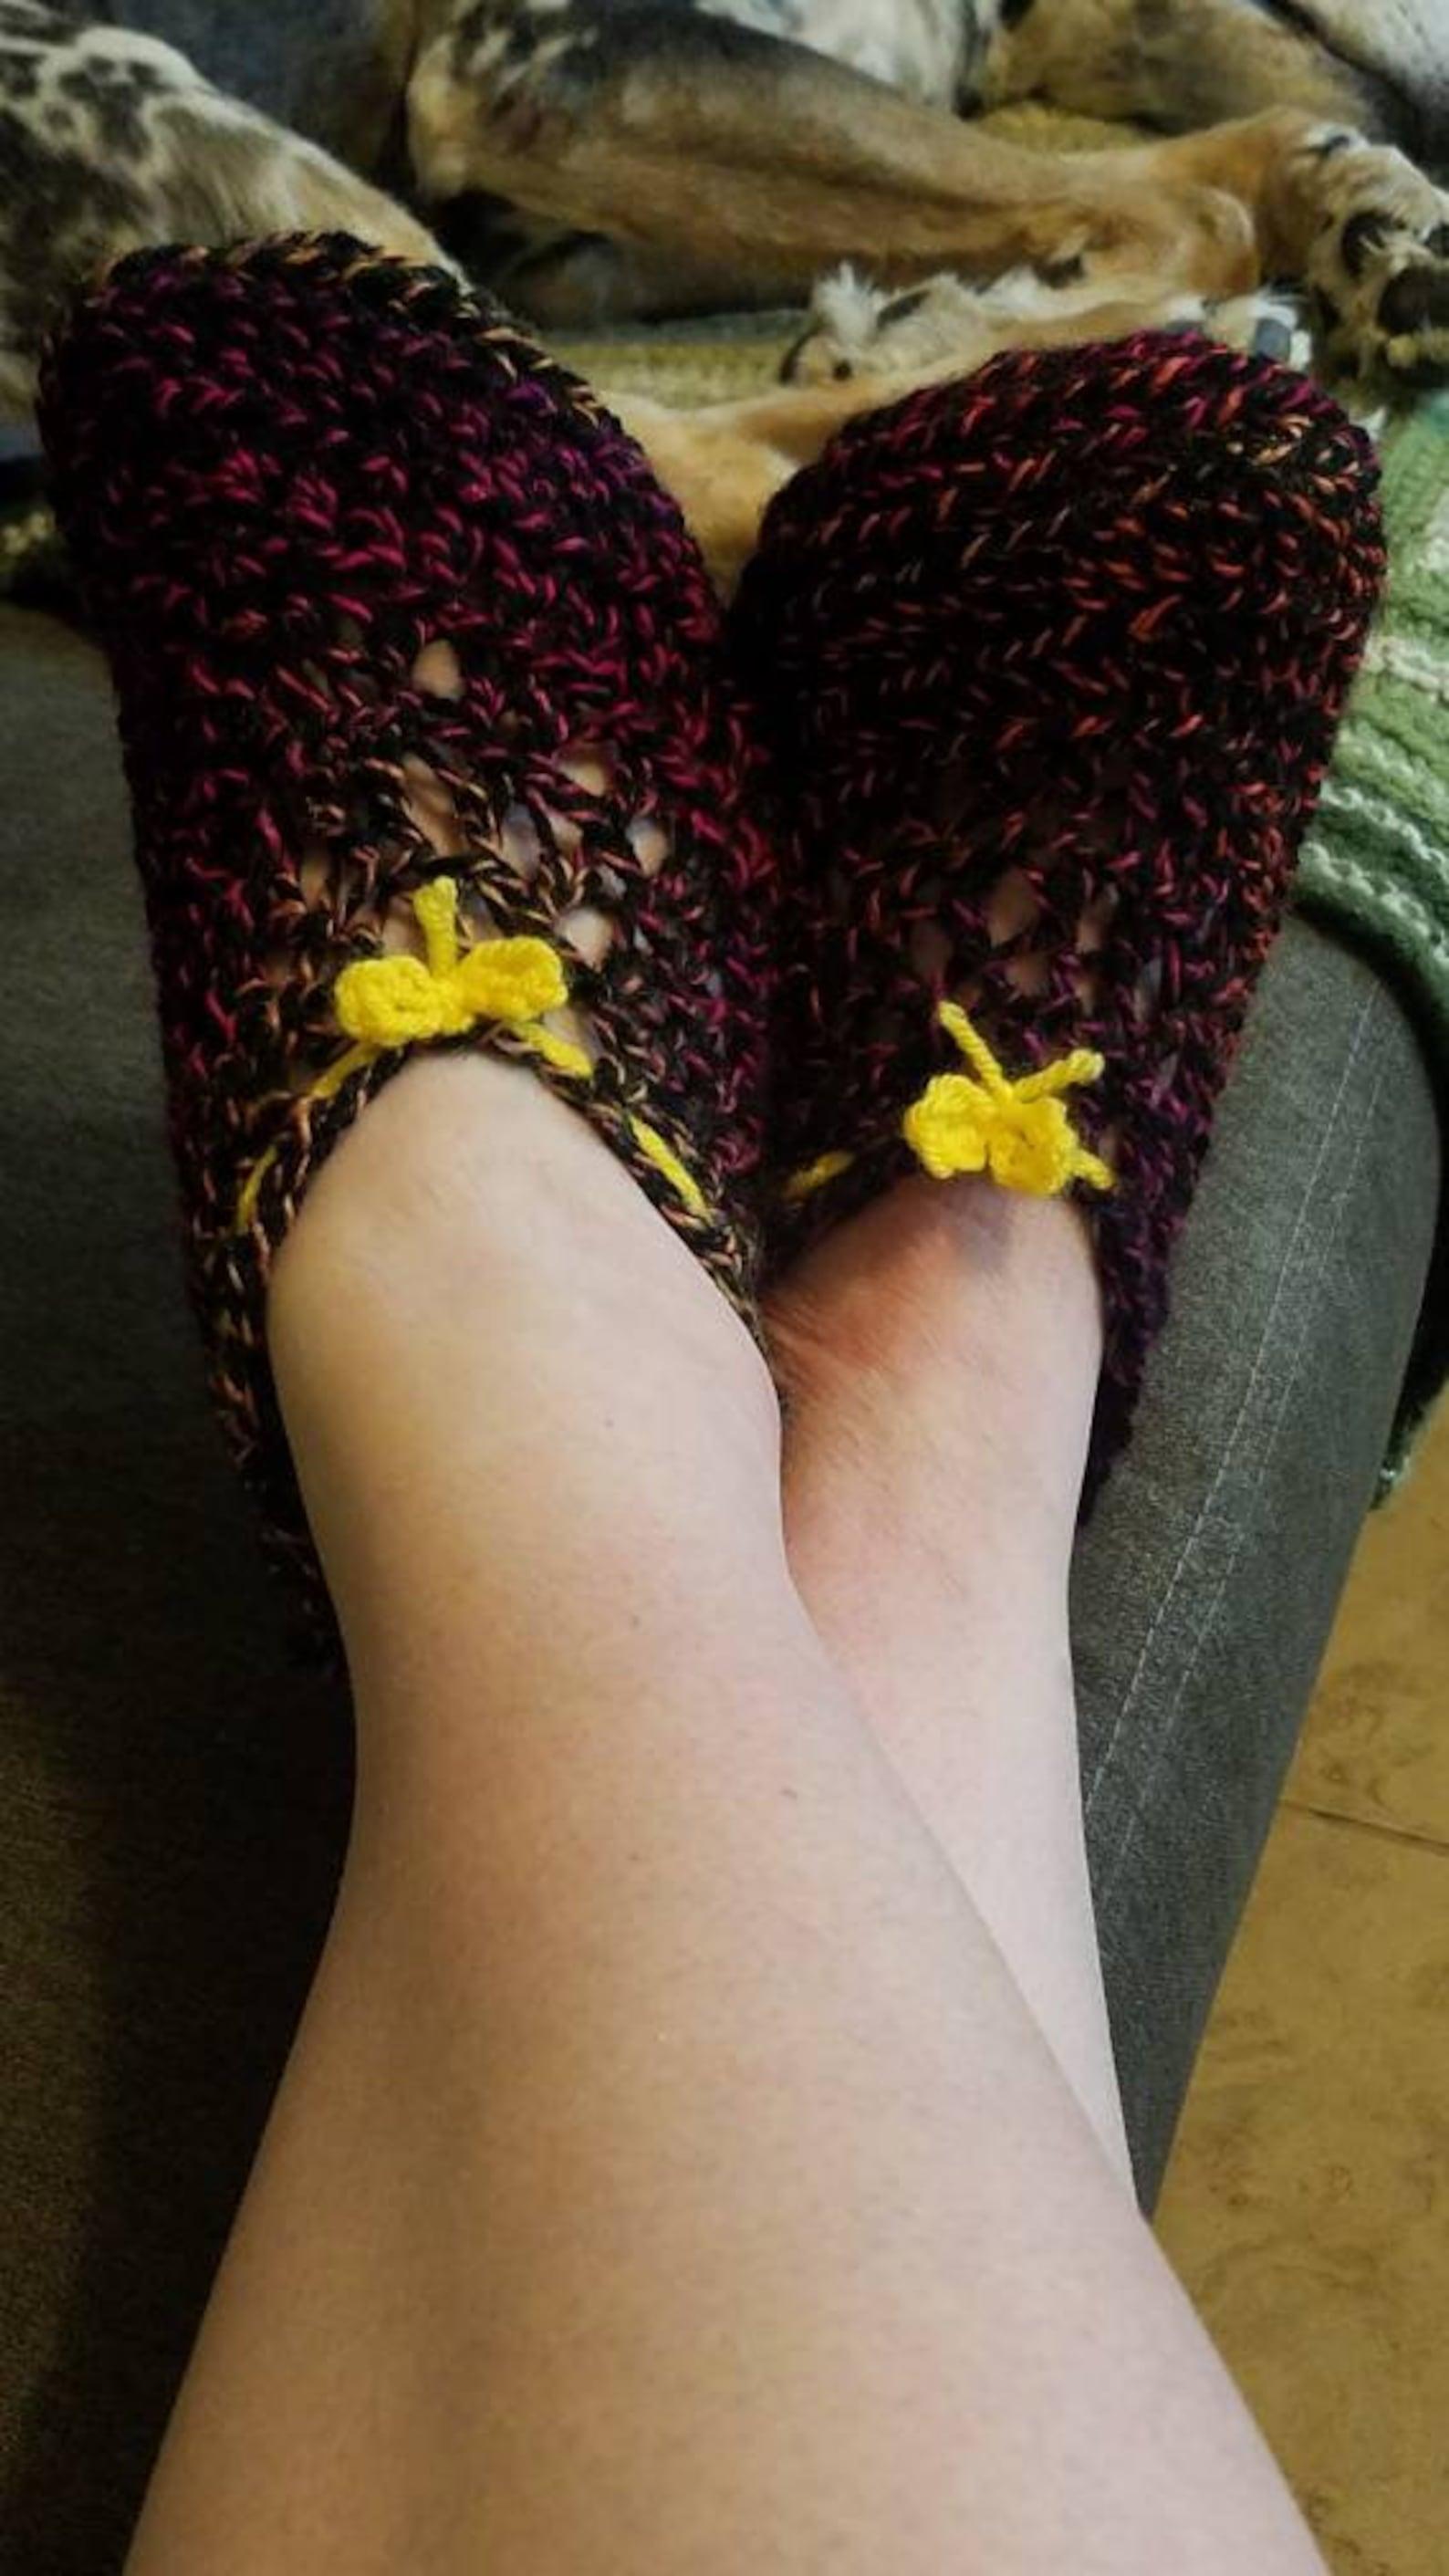 house slippers/ ballet slippers